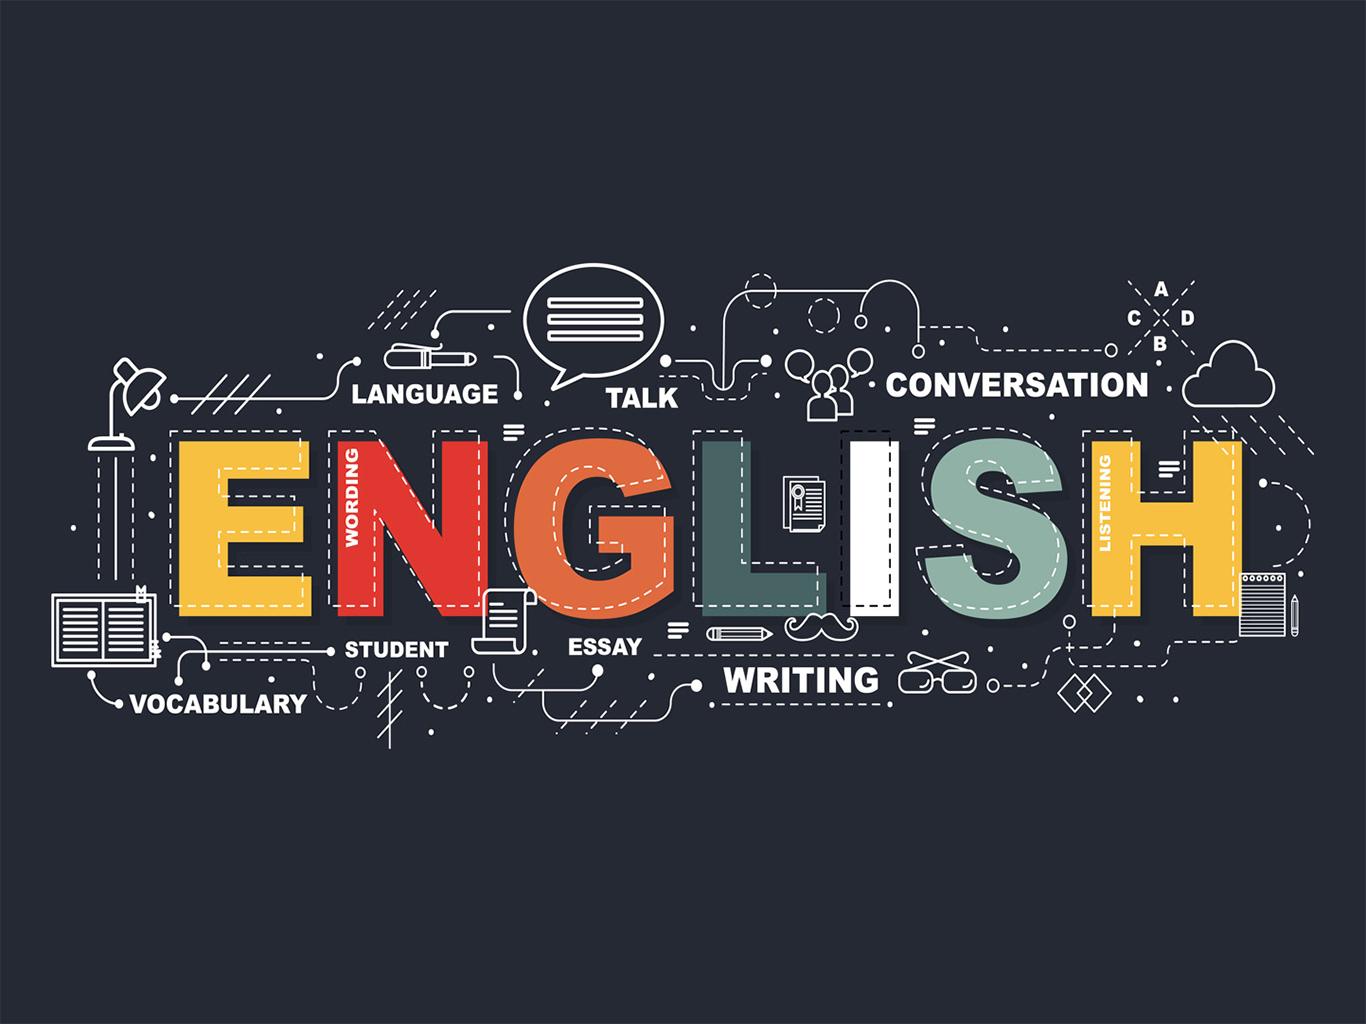 Самоучитель английского для начинающих